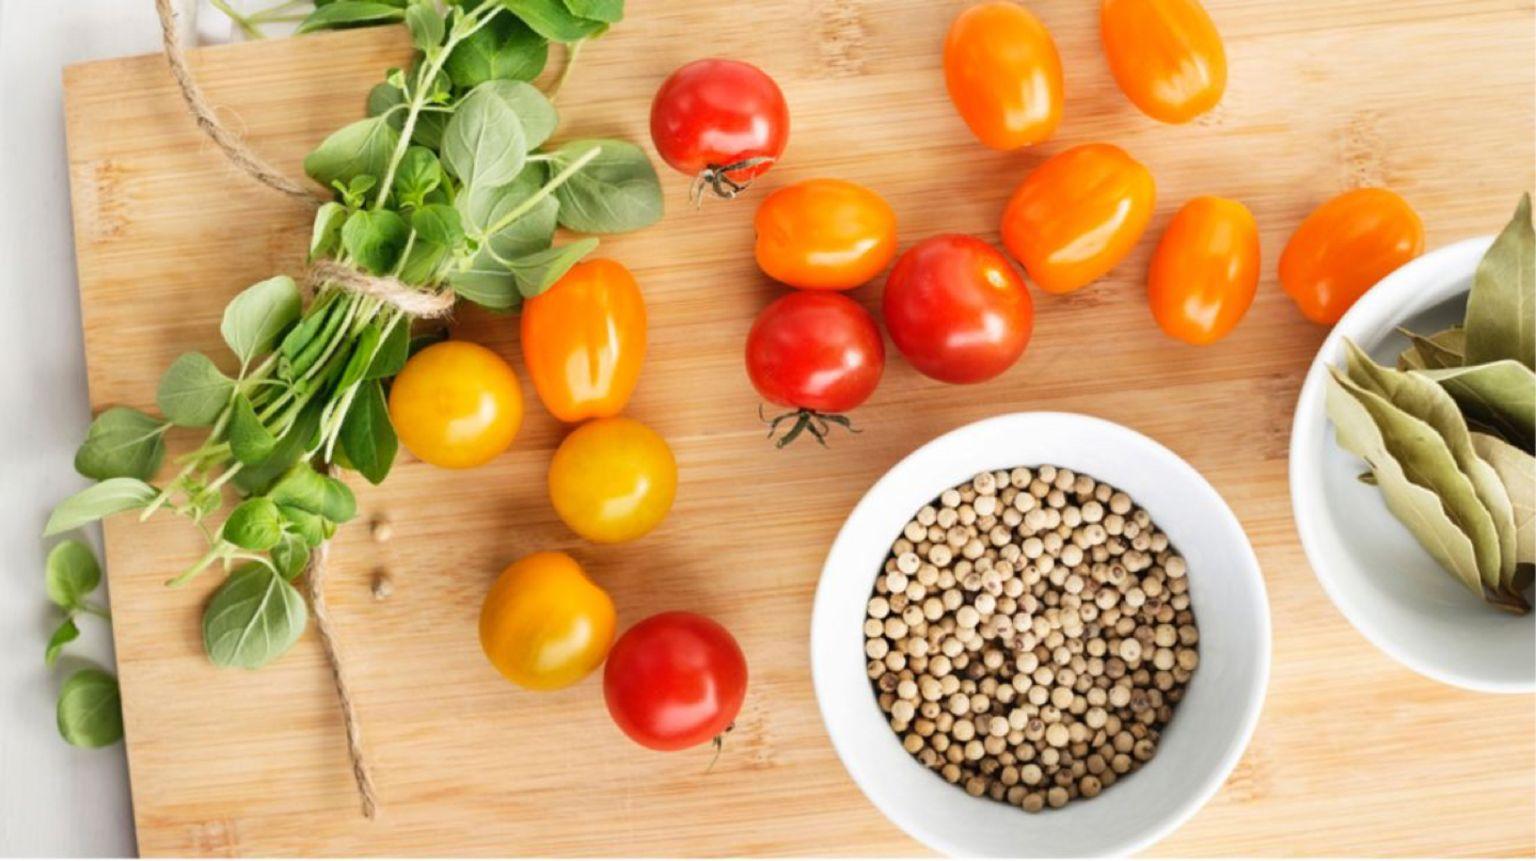 Tomater, bönor och grönsaker ligger utplacerade på en skärbräda